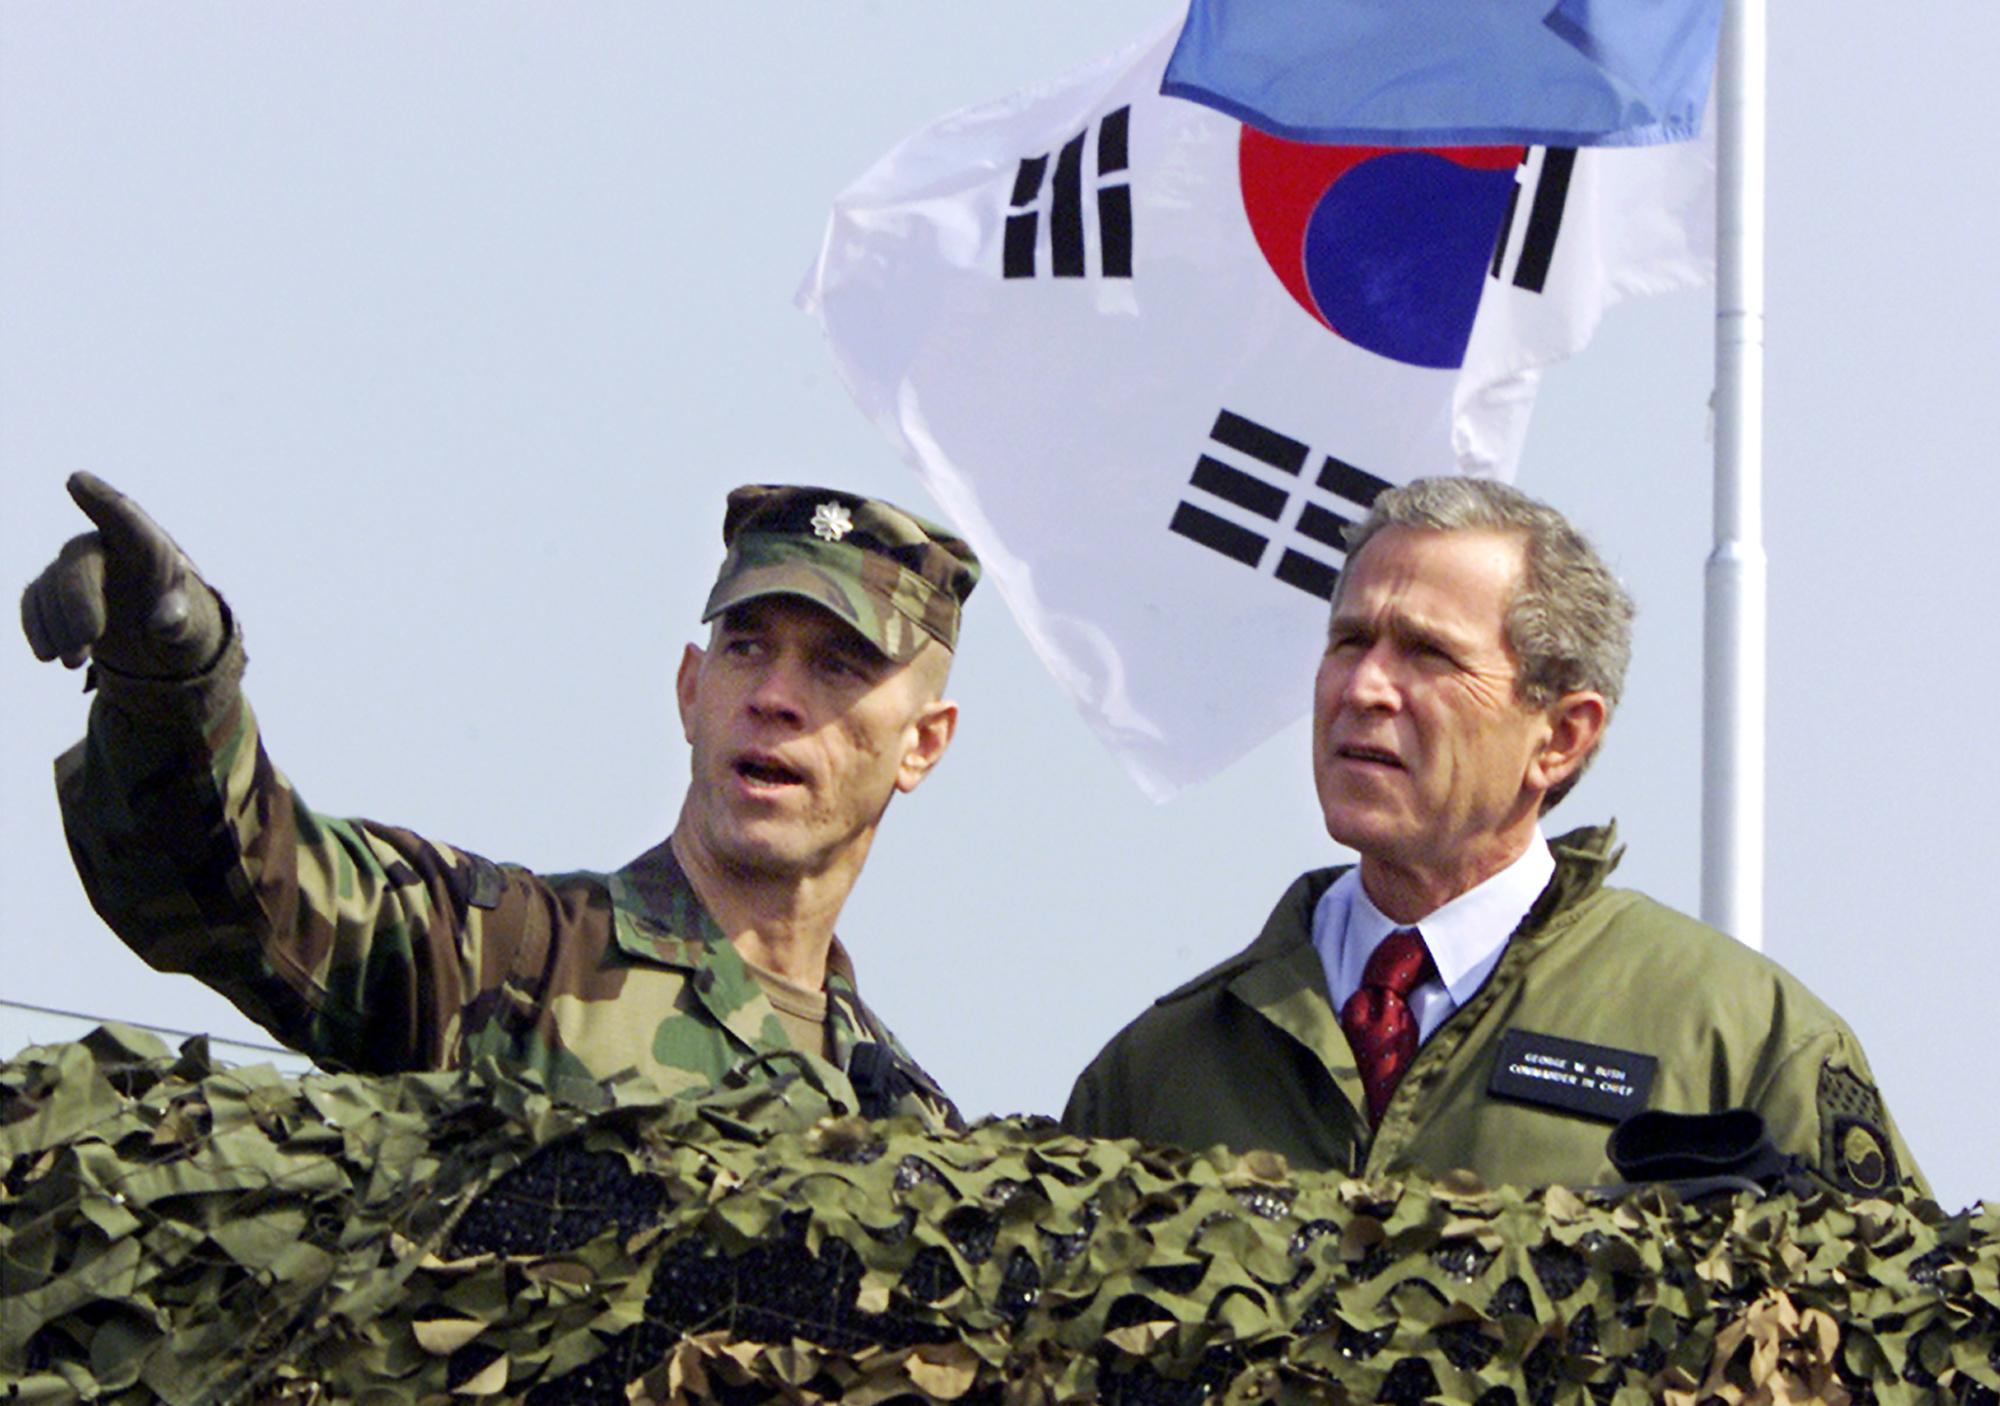 前總統小布希(George W. Bush,右)2002年2月20日在DMZ的歐萊特哨所(Observation Post Ouellette)遠眺北韓。(美聯社)